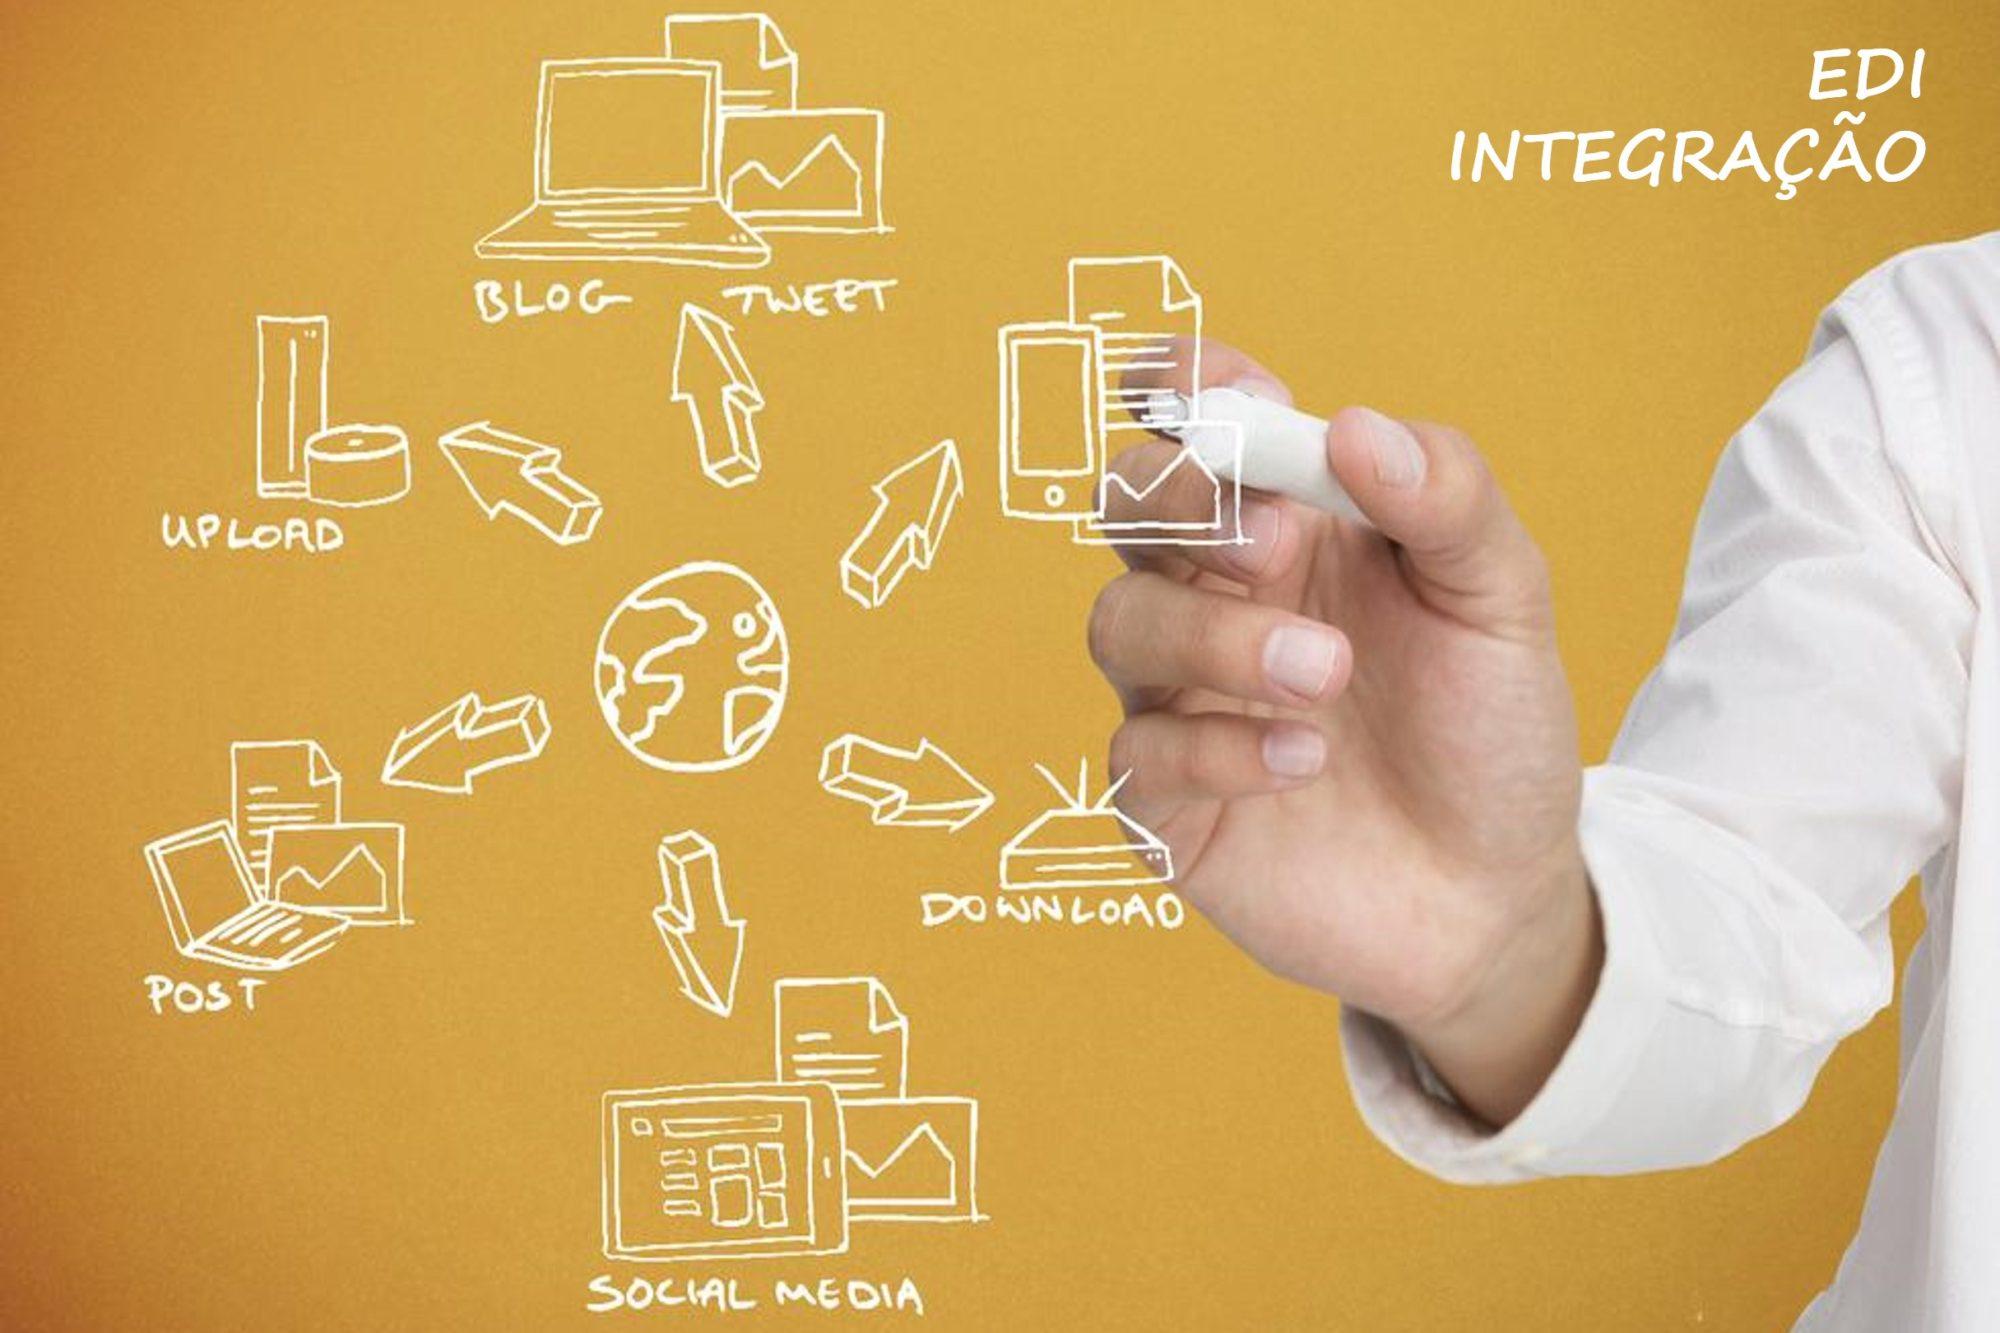 EDI E Integração B2B